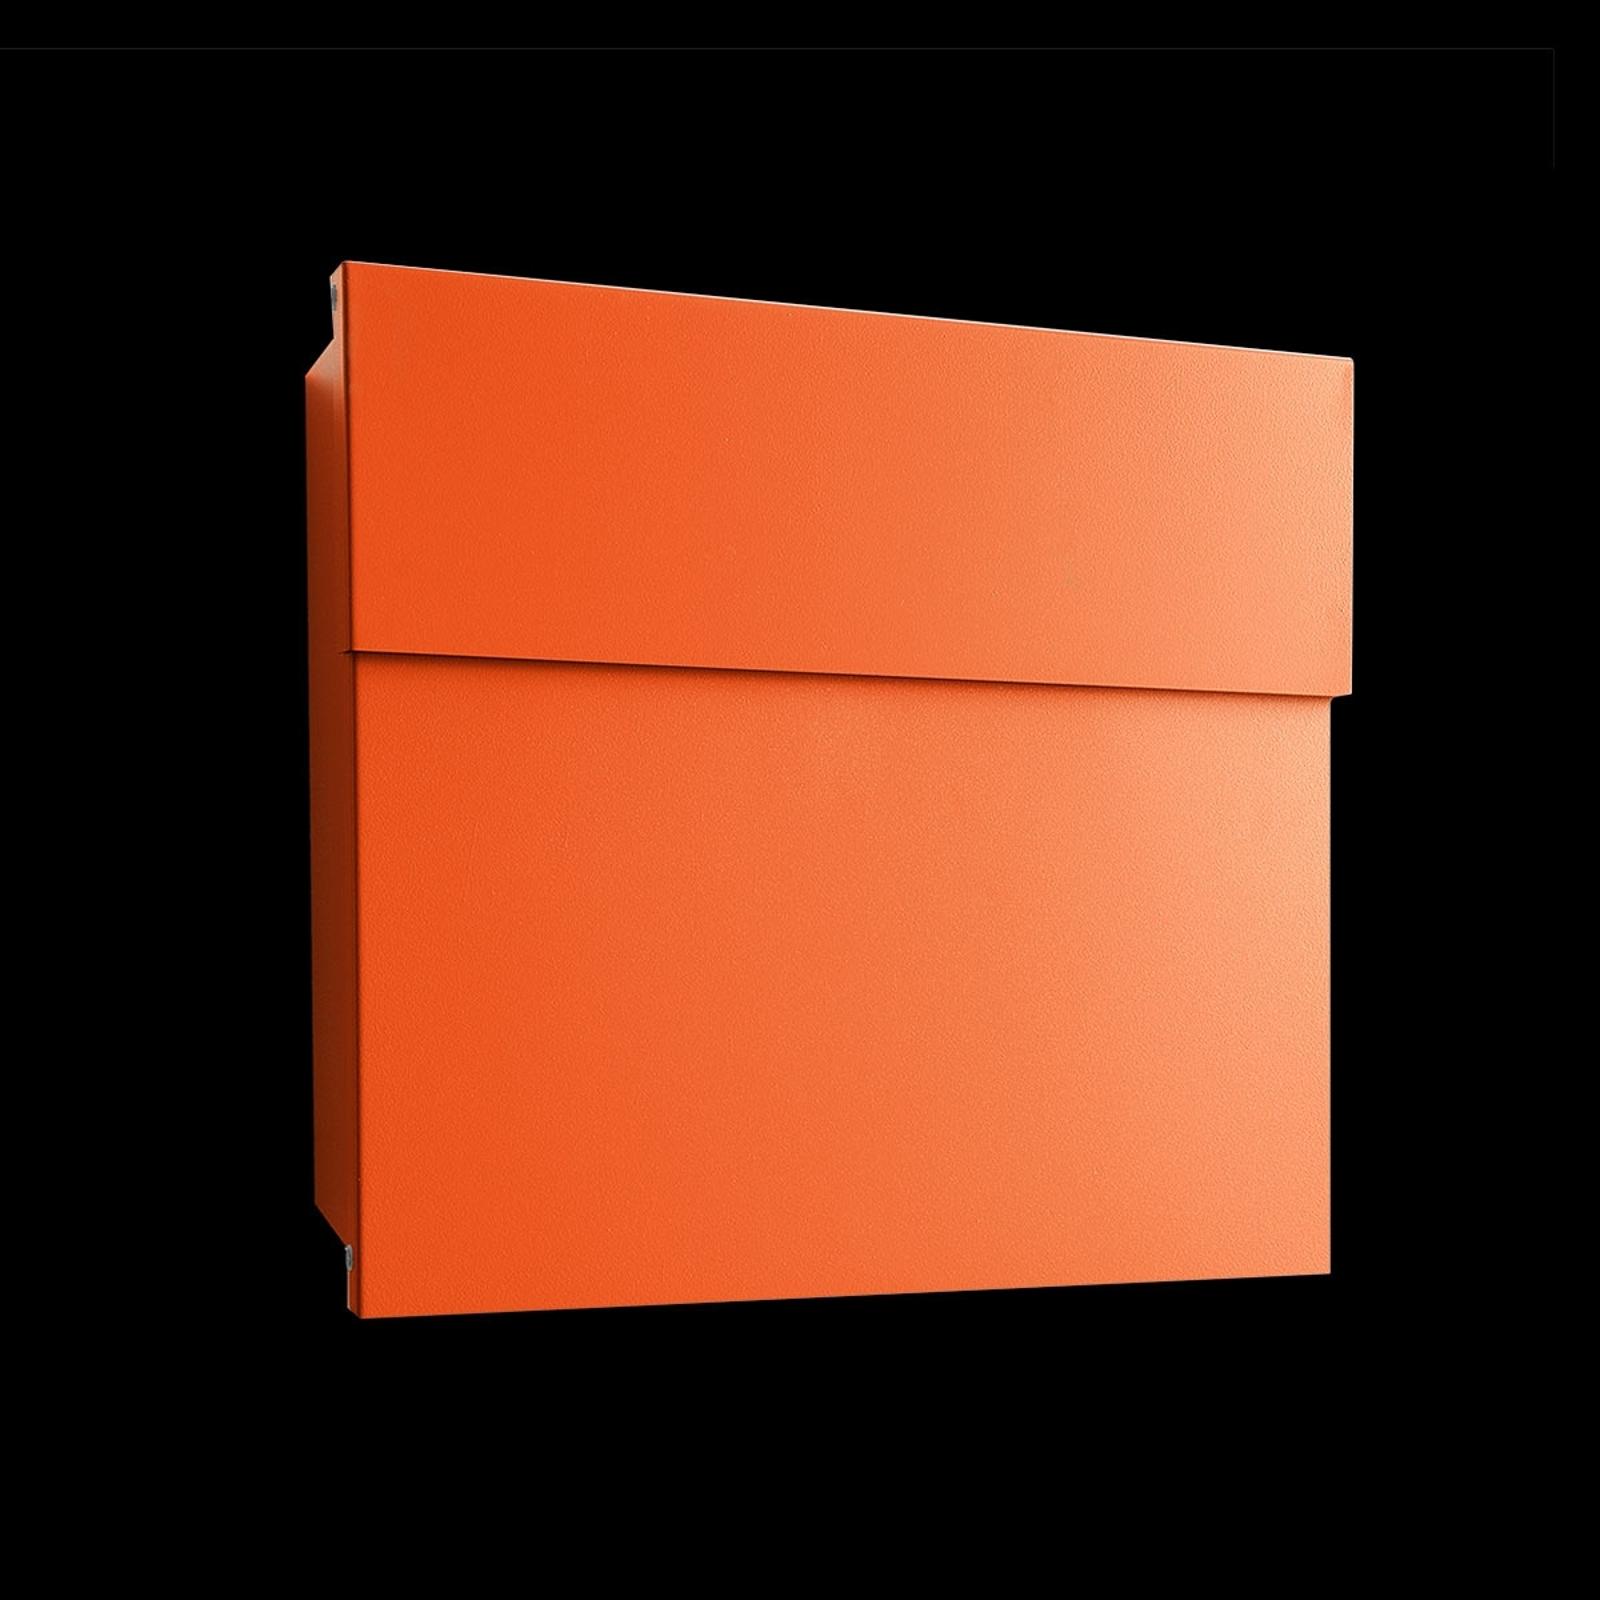 Design-Briefkasten Letterman IV orange